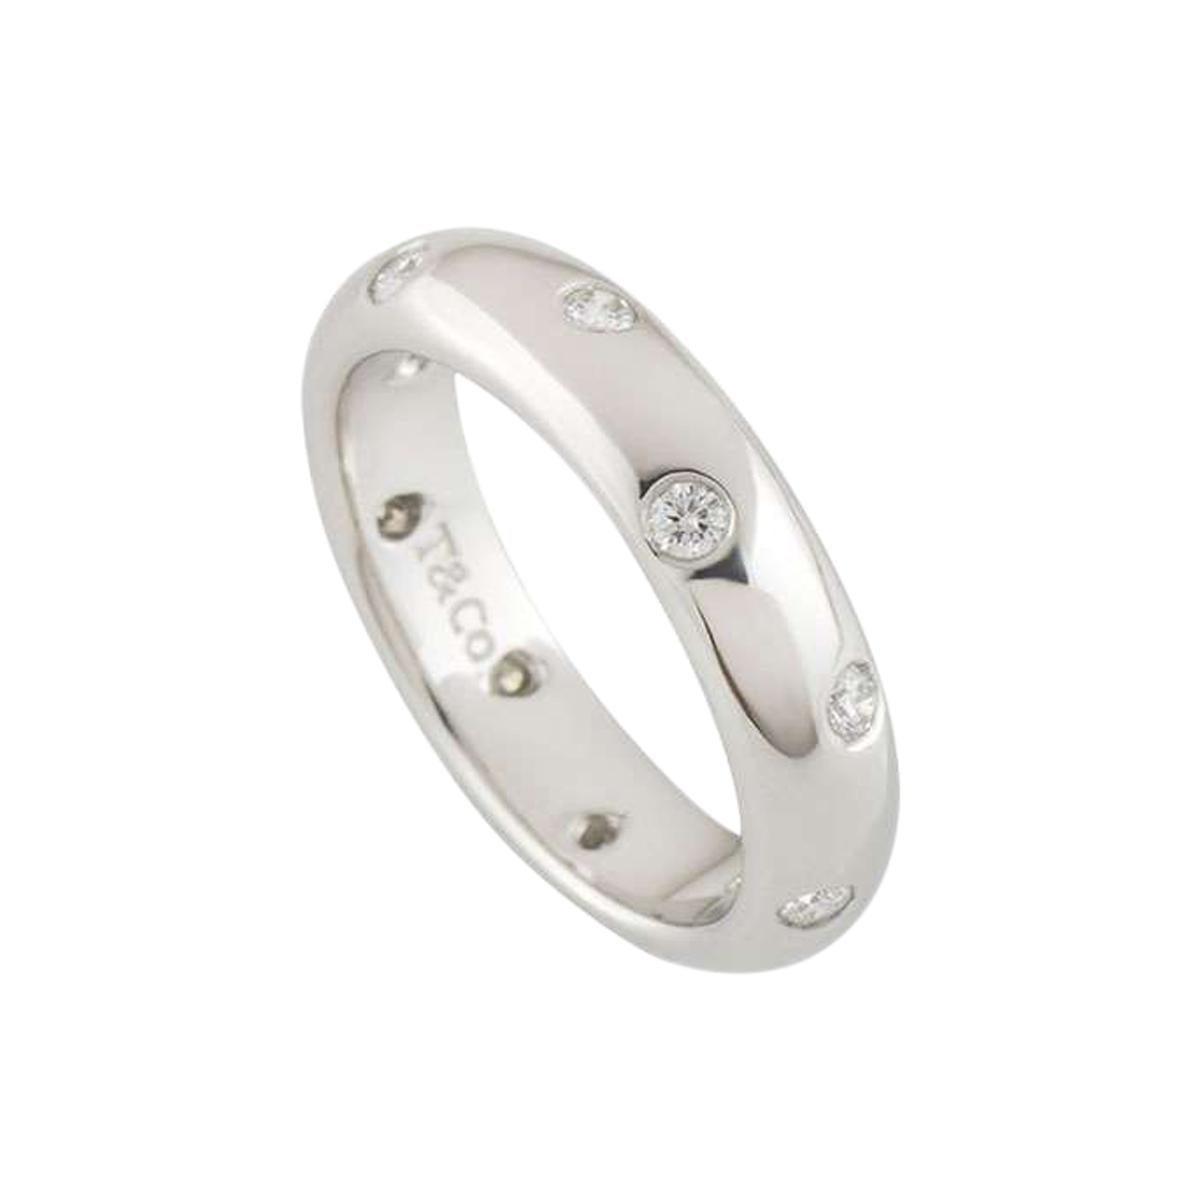 Tiffany & Co. Platinum Etoile Wedding Band Ring 0.22 Carat